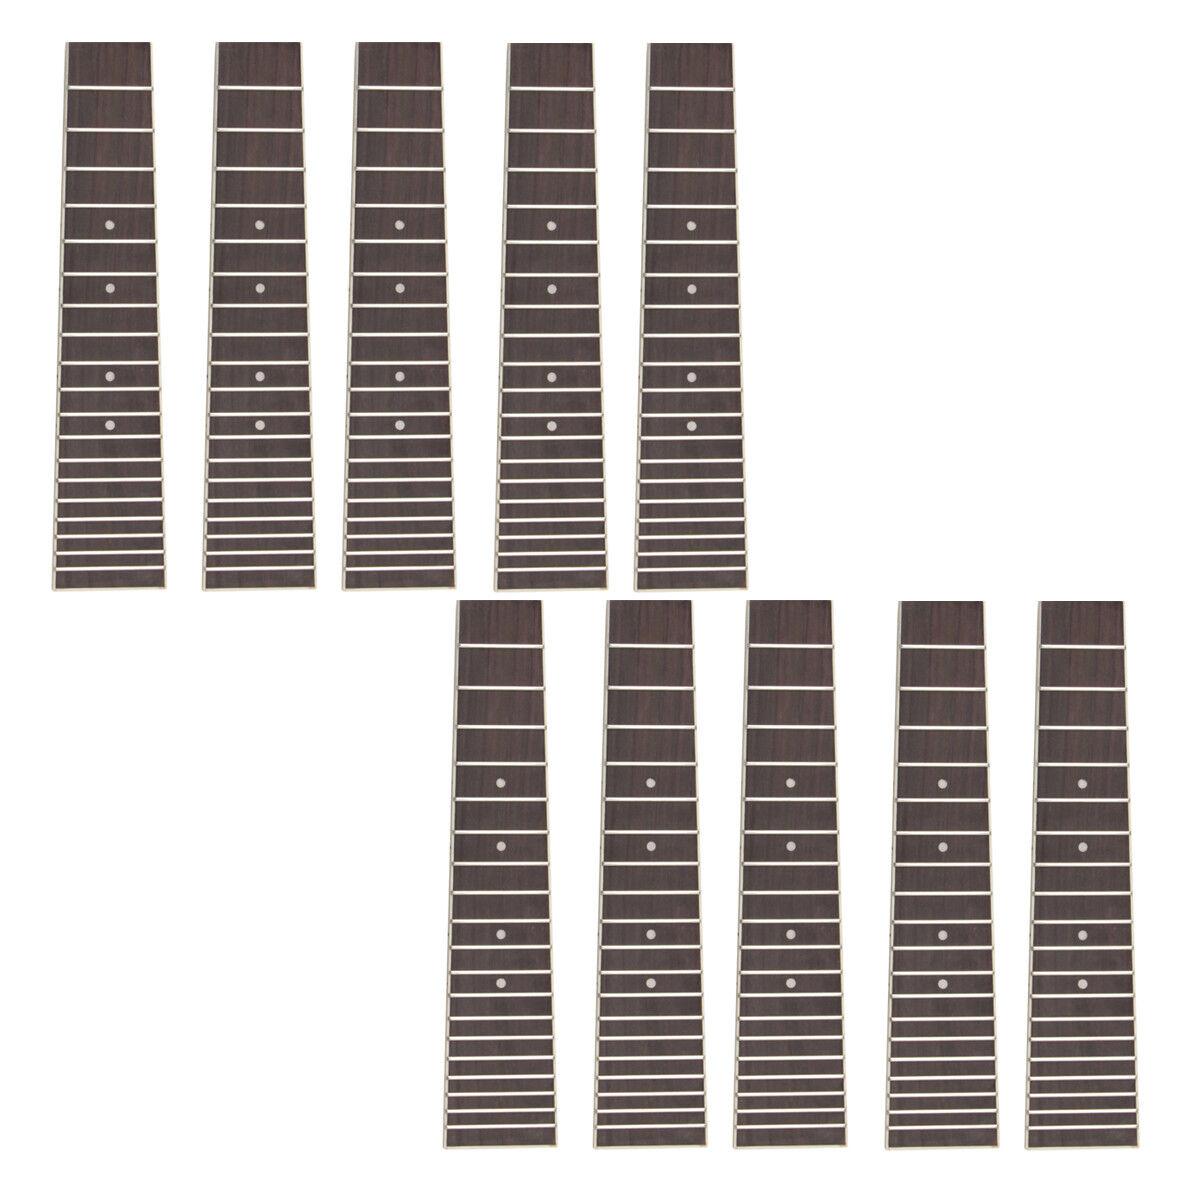 Ukulele pinkwood Fretboard Fingerboard for 6 String 28 Inch Ukelele Parts 10Pcs